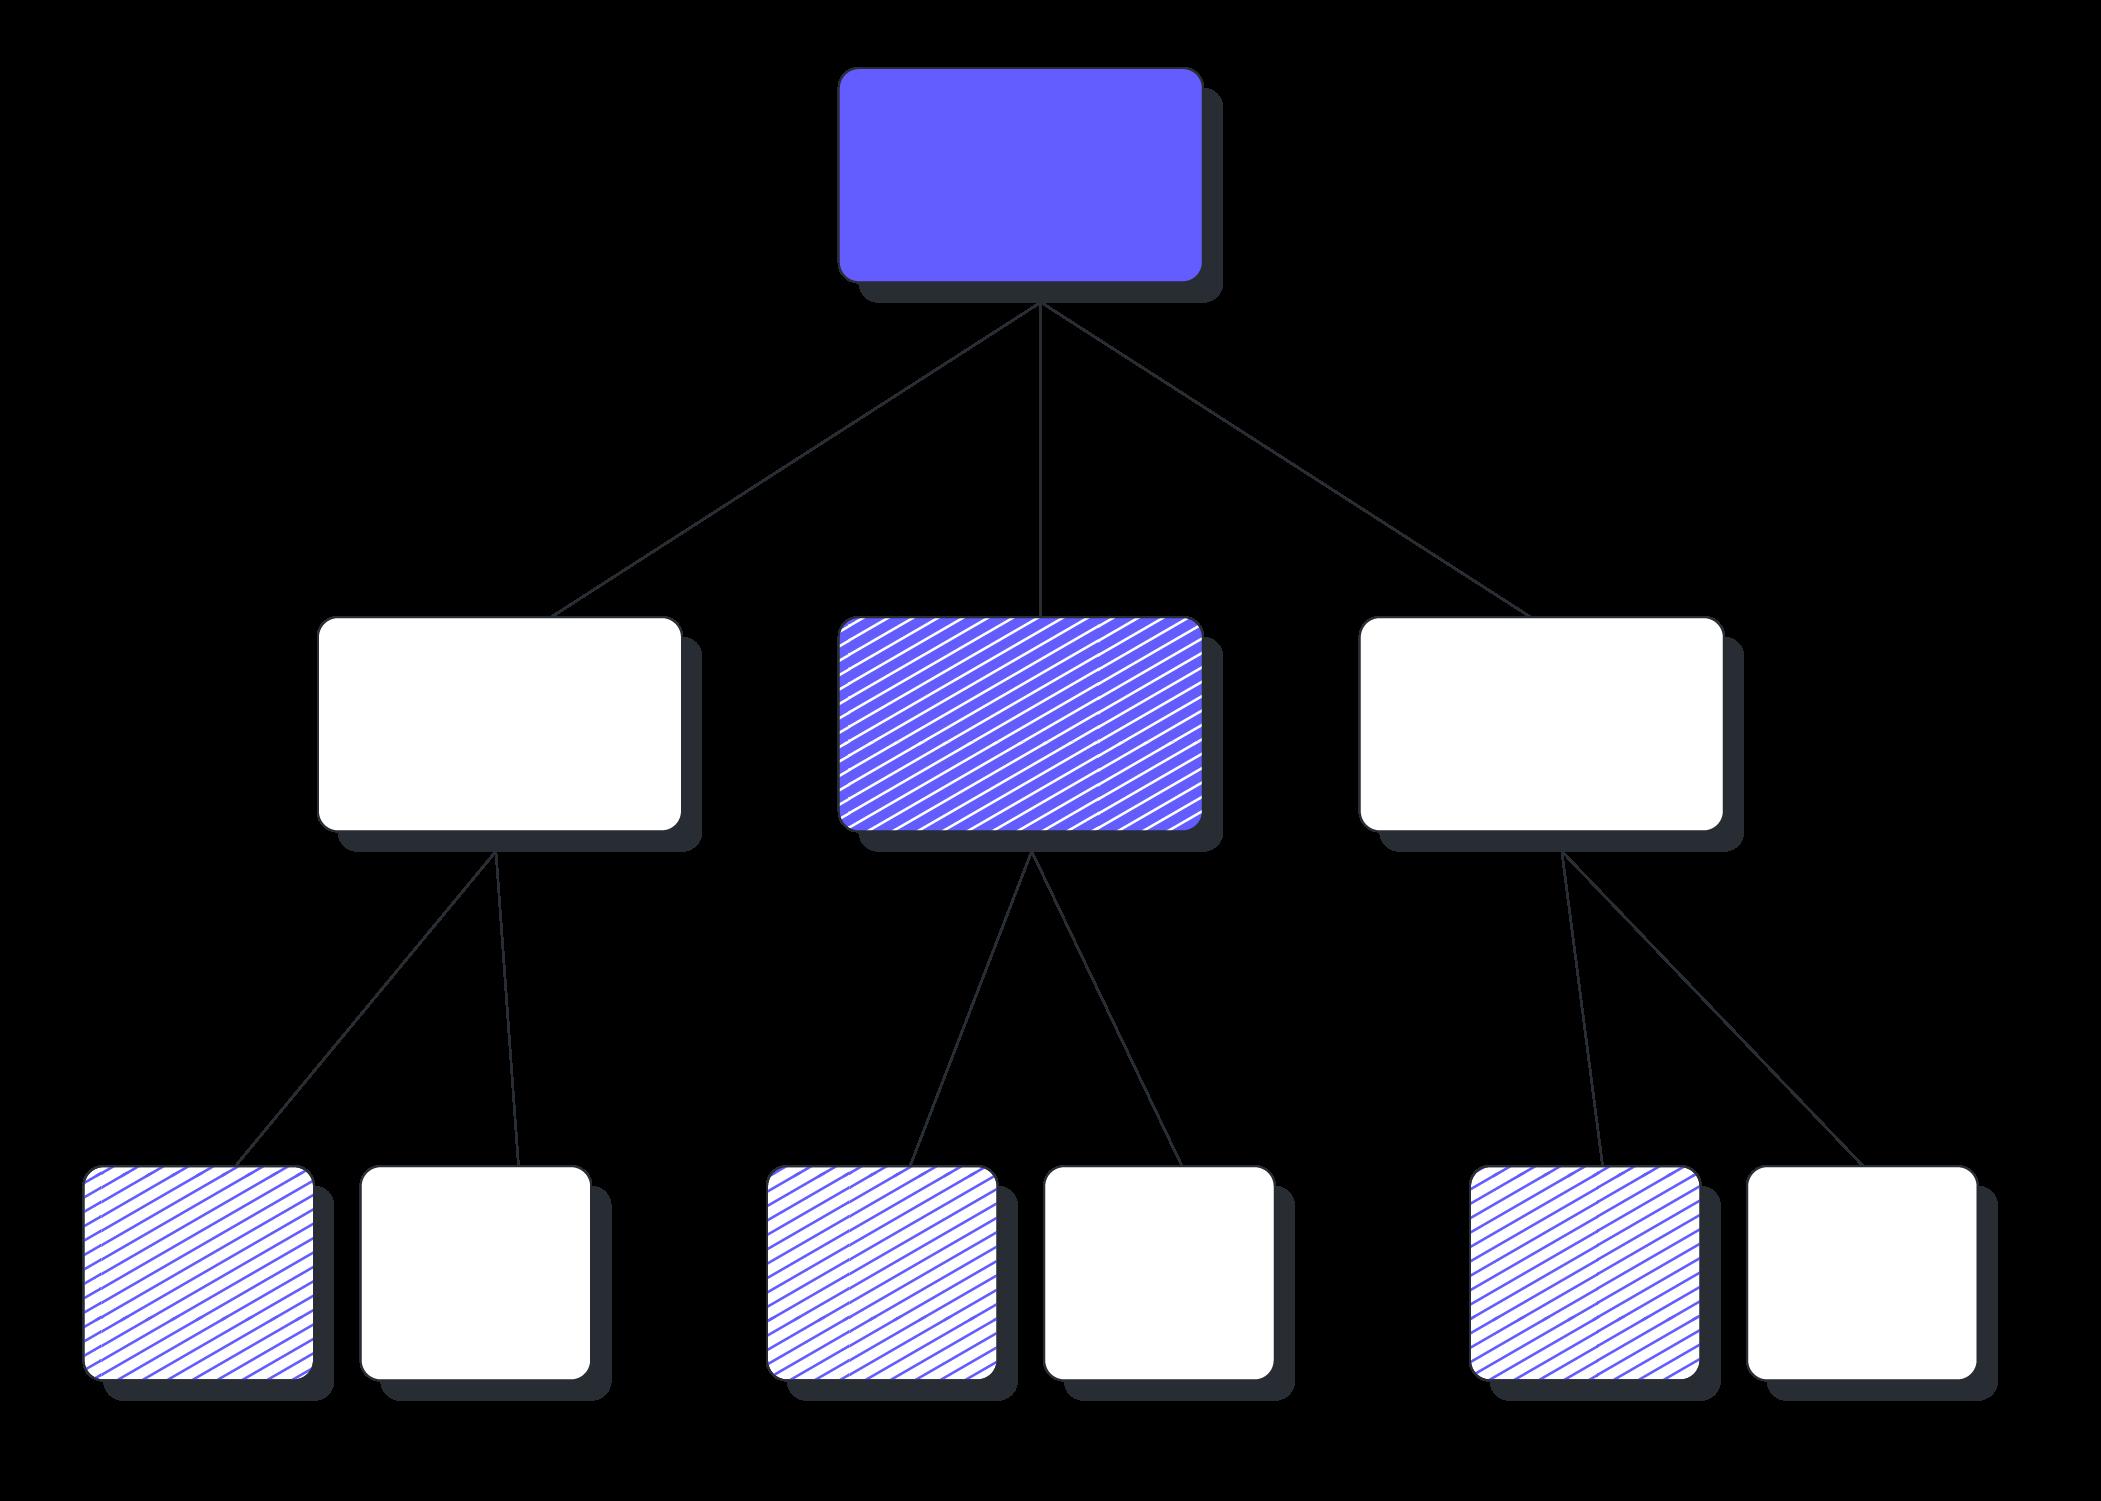 Decision tree diagram image